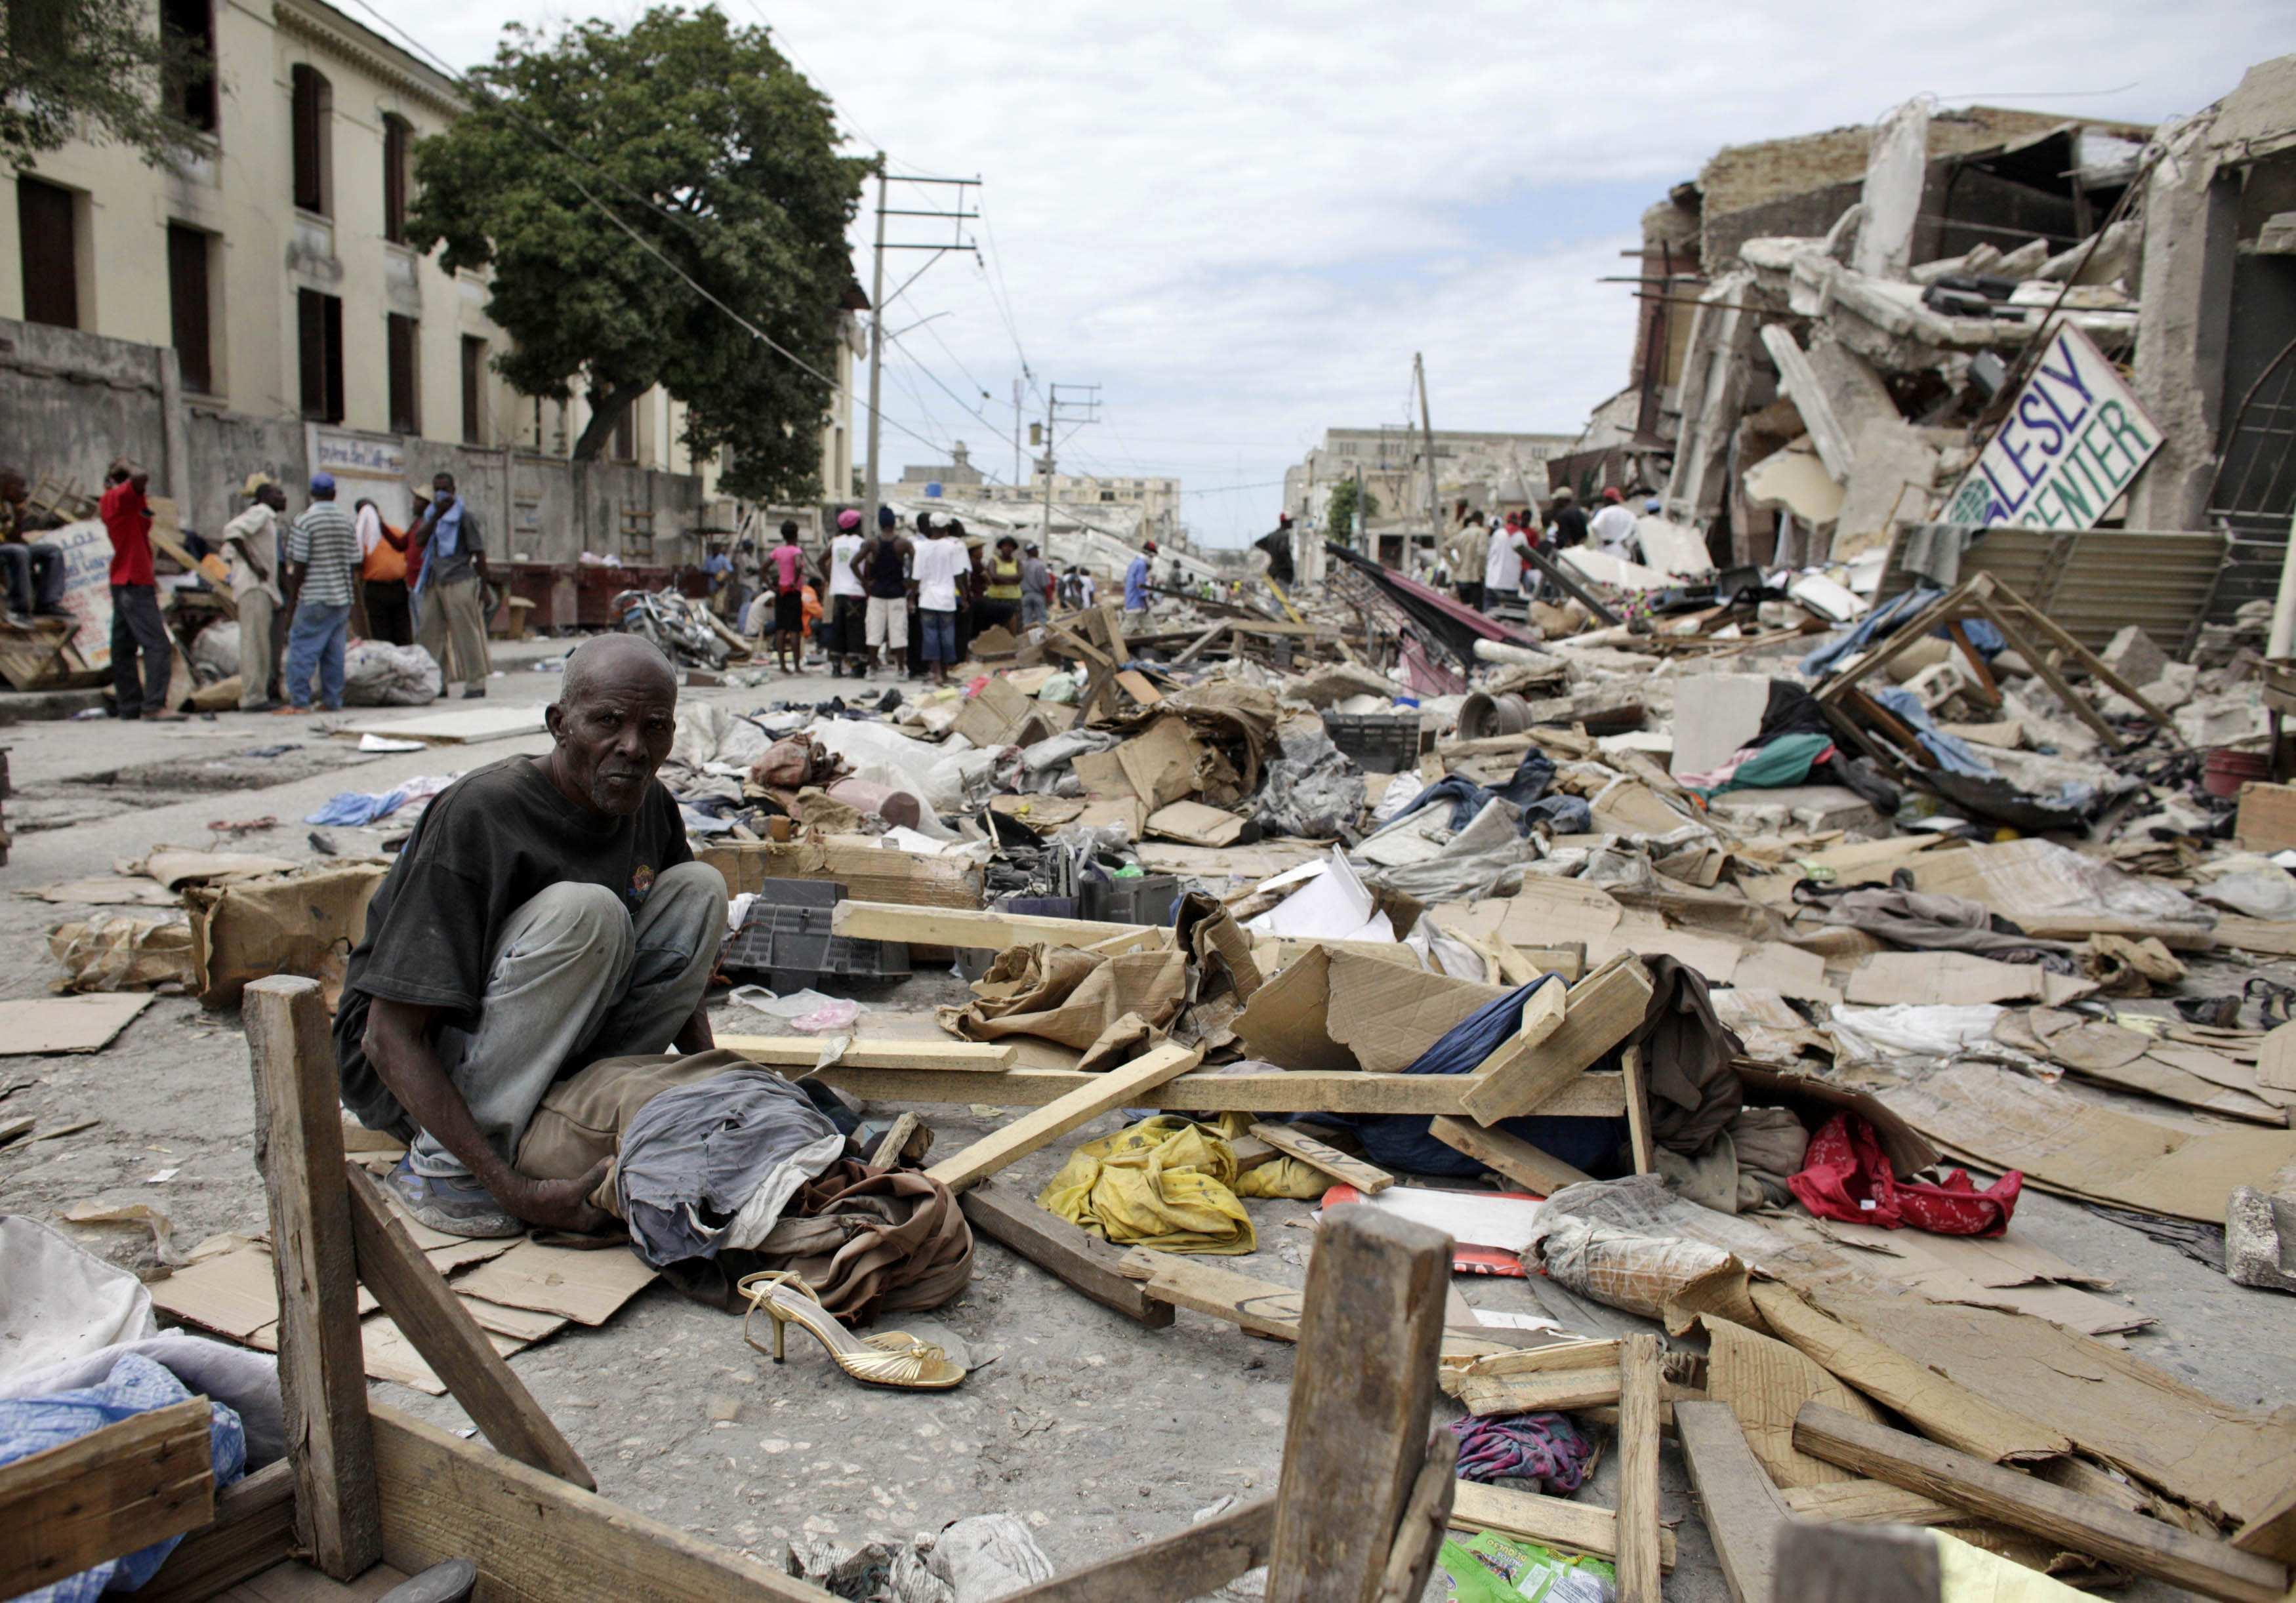 Ο πόνος στα μάτια των Αϊτινών δεν στερεύει ποτέ. ΦΩΤΟ REUTERS